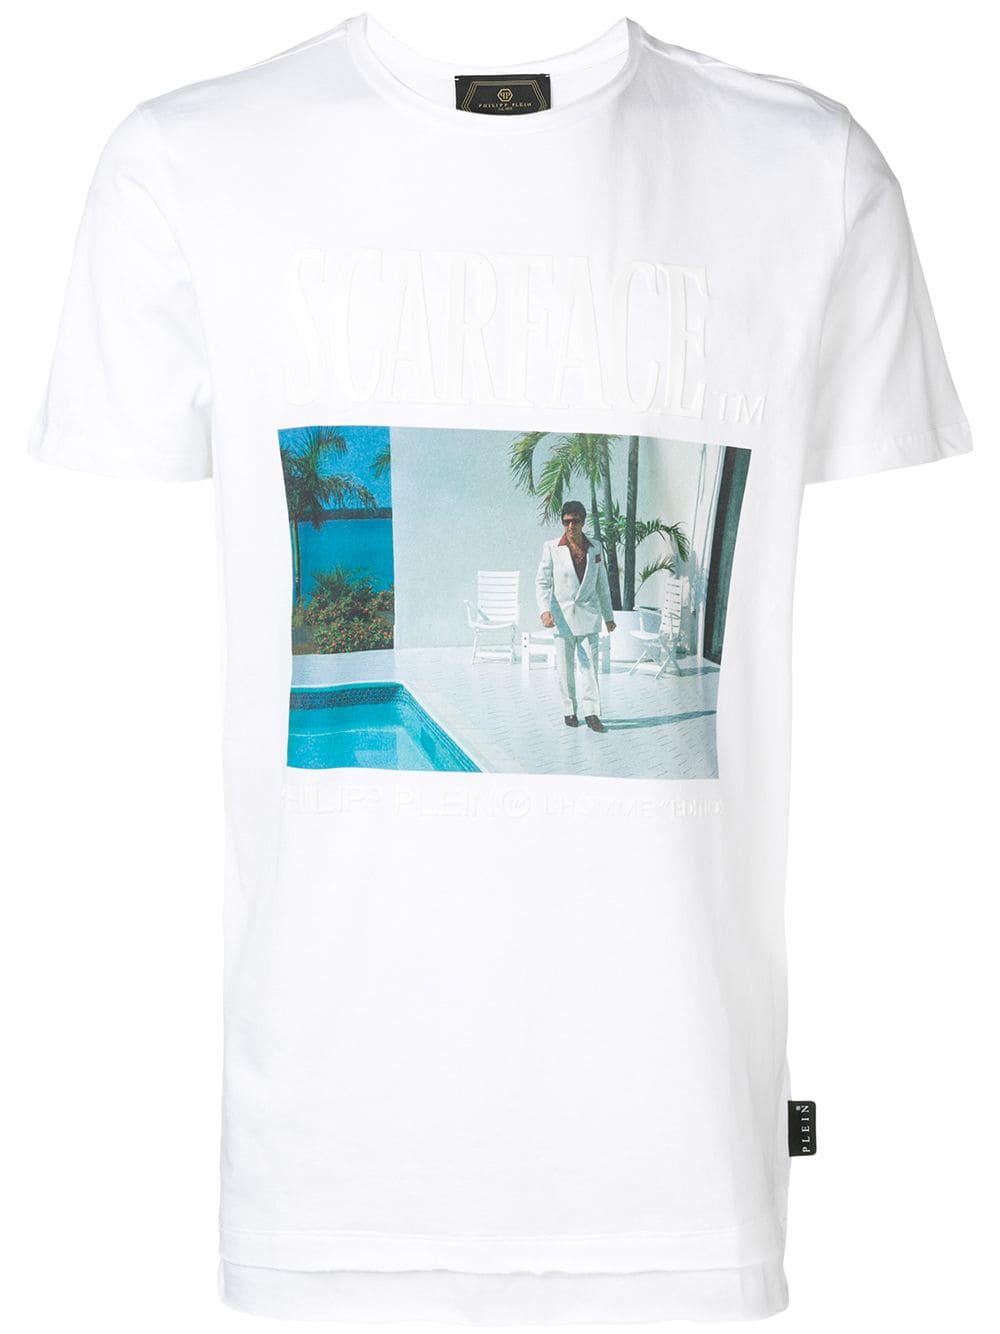 c4ab0916 Philipp Plein Scarface T-Shirt - White In 01 White | ModeSens